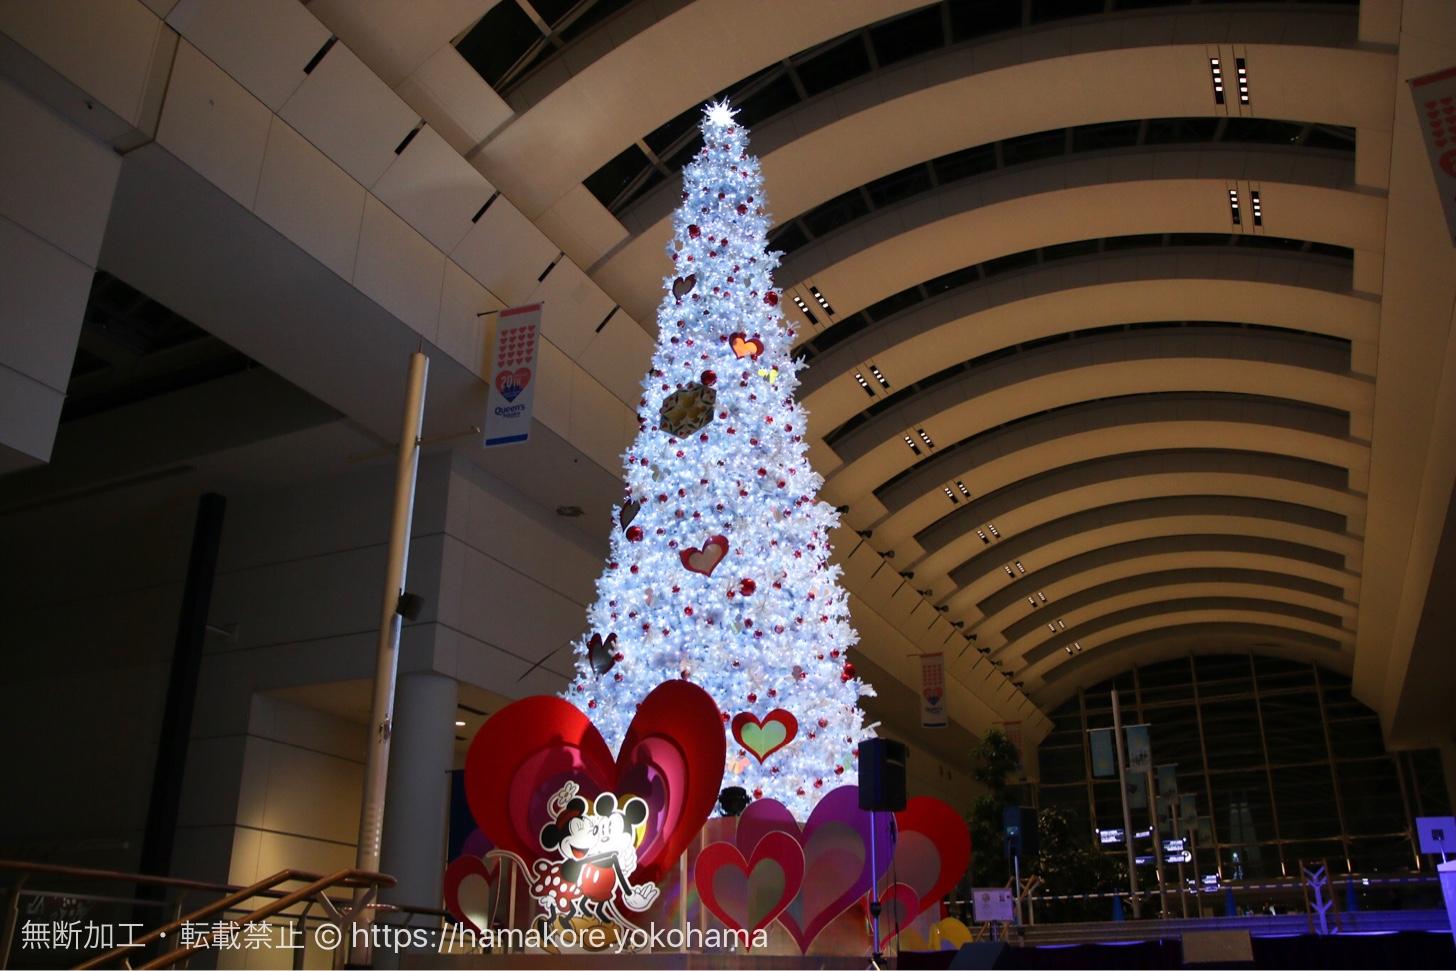 ミッキーマウス&フレンズをテーマにしたクリスマスツリー